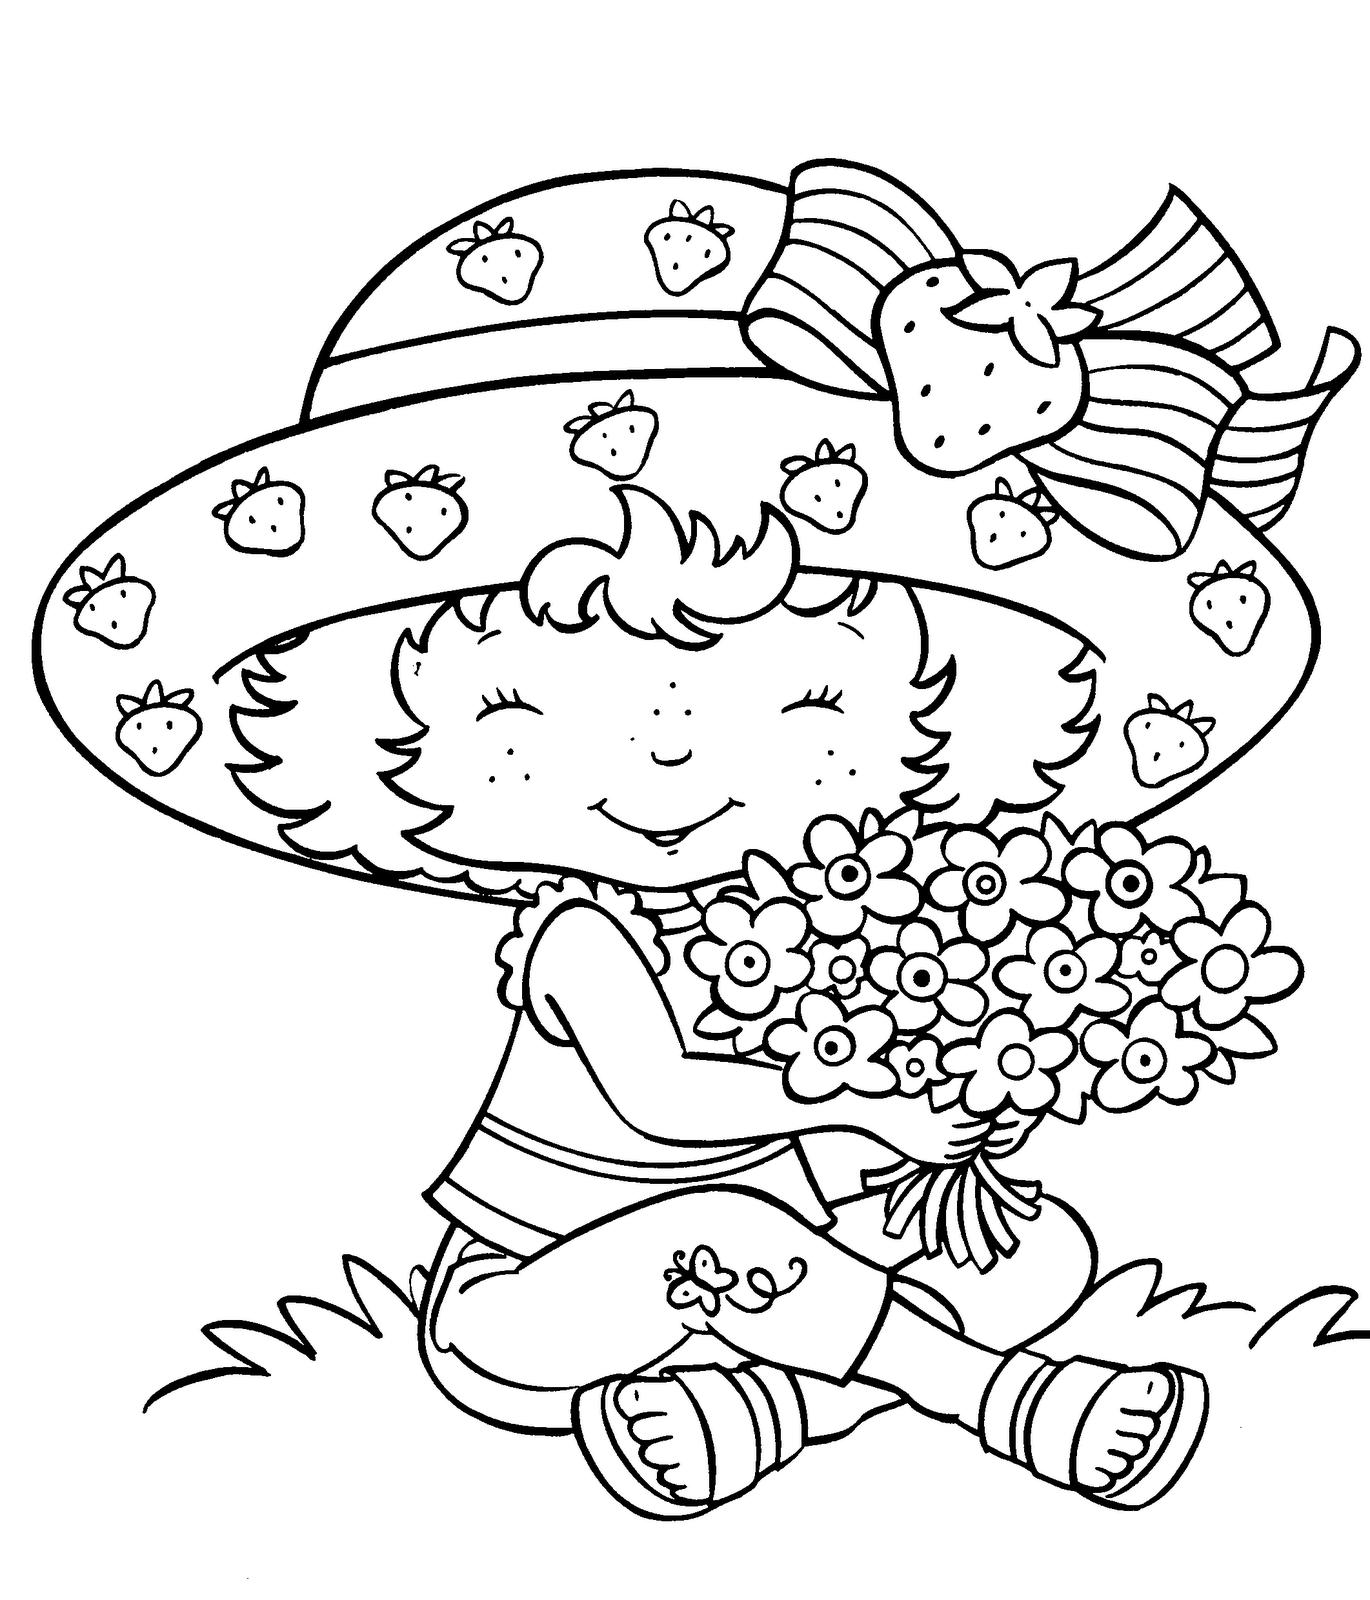 Desenho De Moranguinho E Buquê De Flores Para Colorir